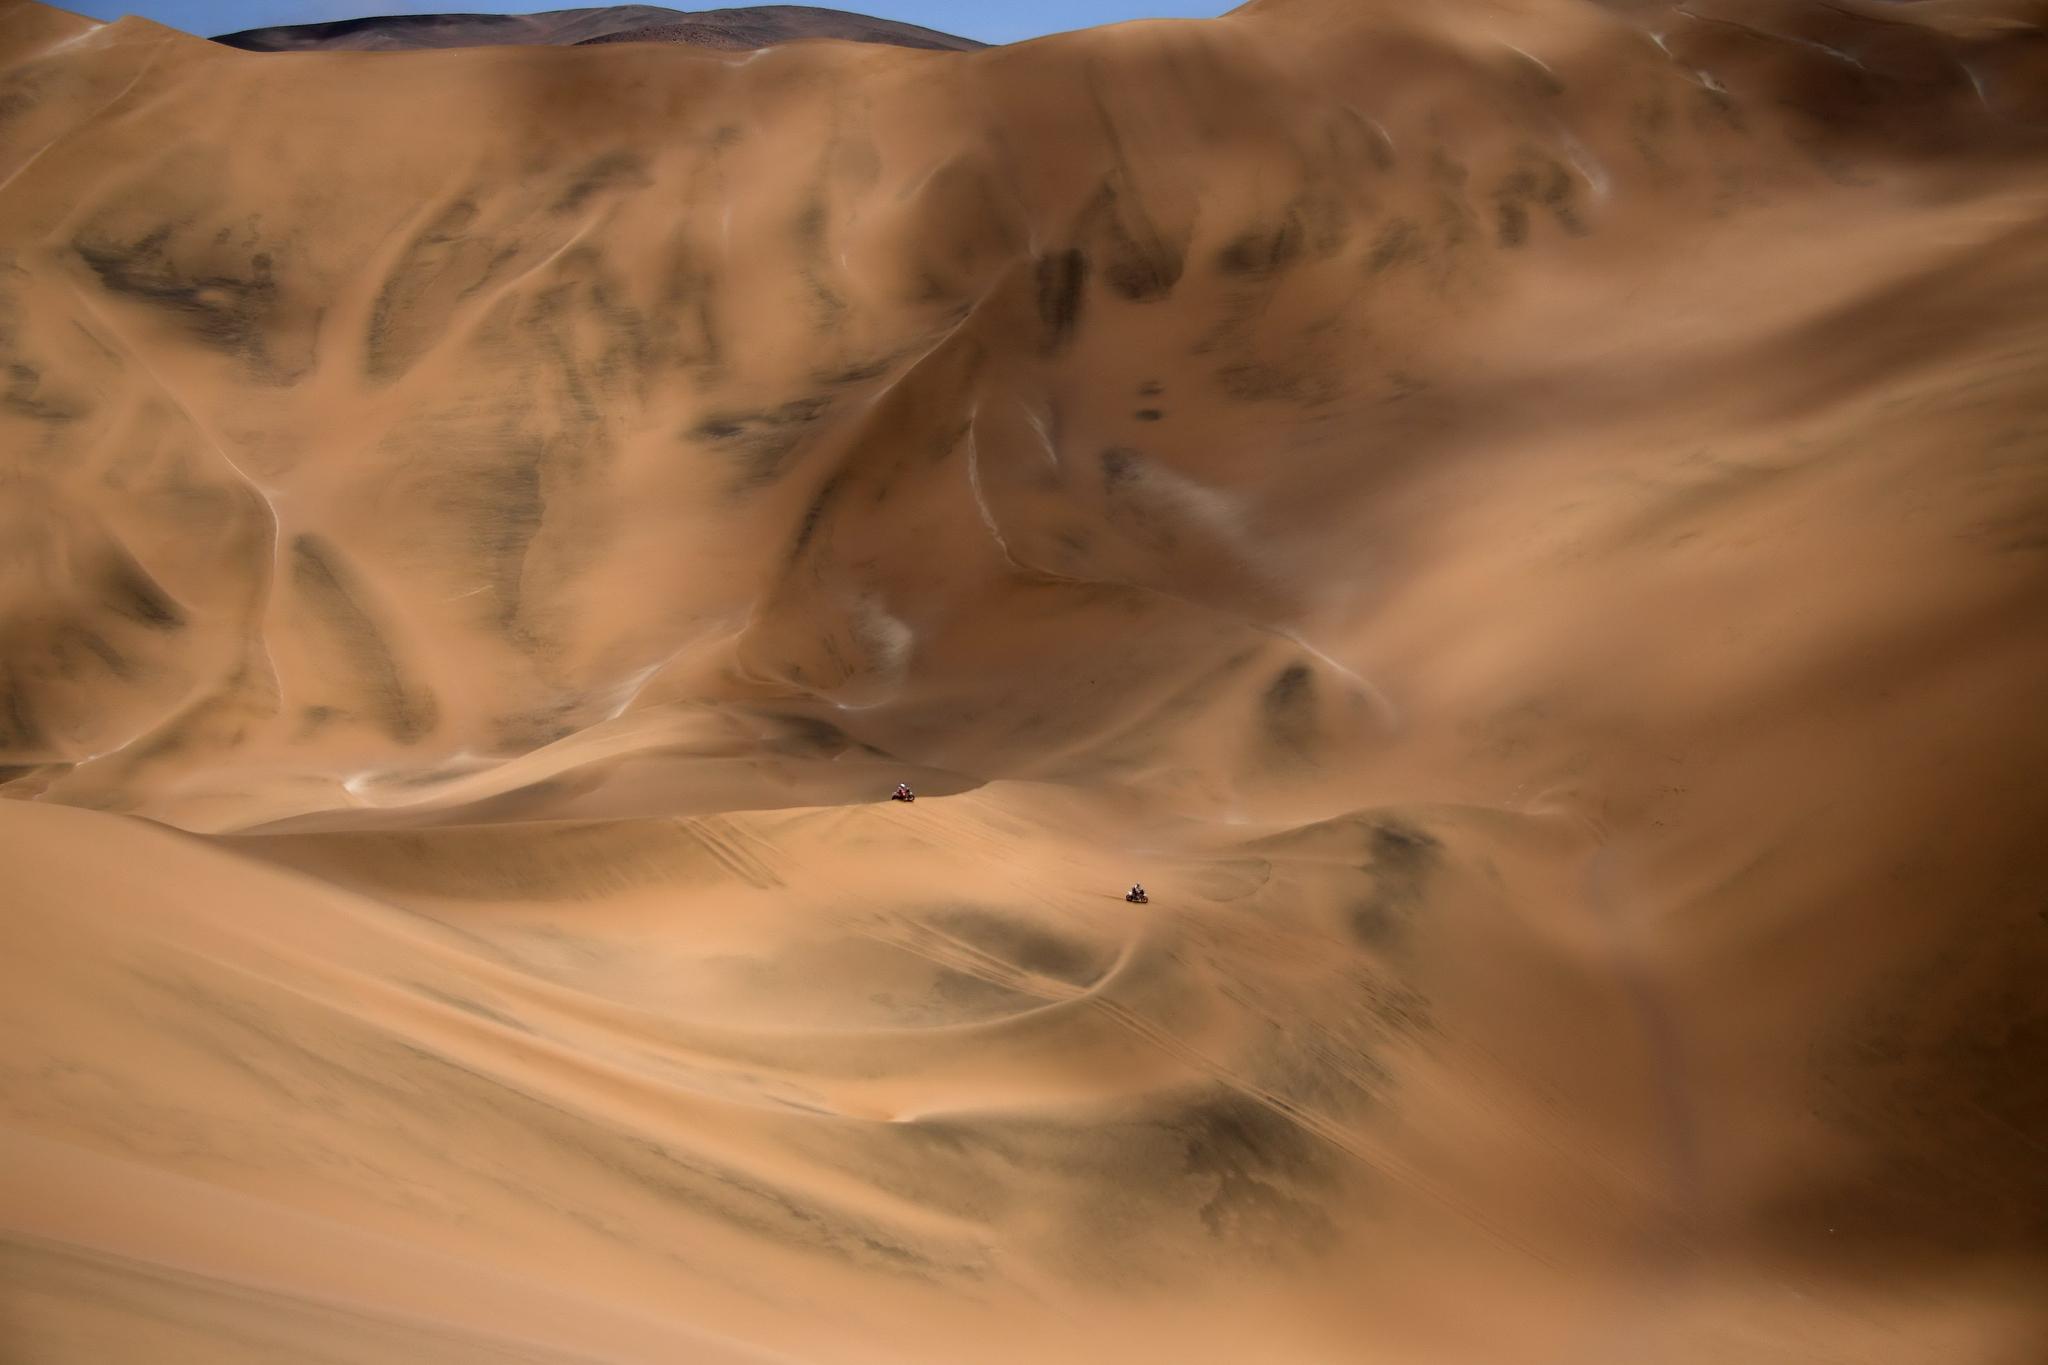 2019 다카르 랠리 바이크 경주자들이 다섯번째 스테이지를 달리고 있다. 광막한 사막에 엔진음이 울려퍼지고 모래 먼지가 가늘게 피어오른다. [AFP=연합뉴스]